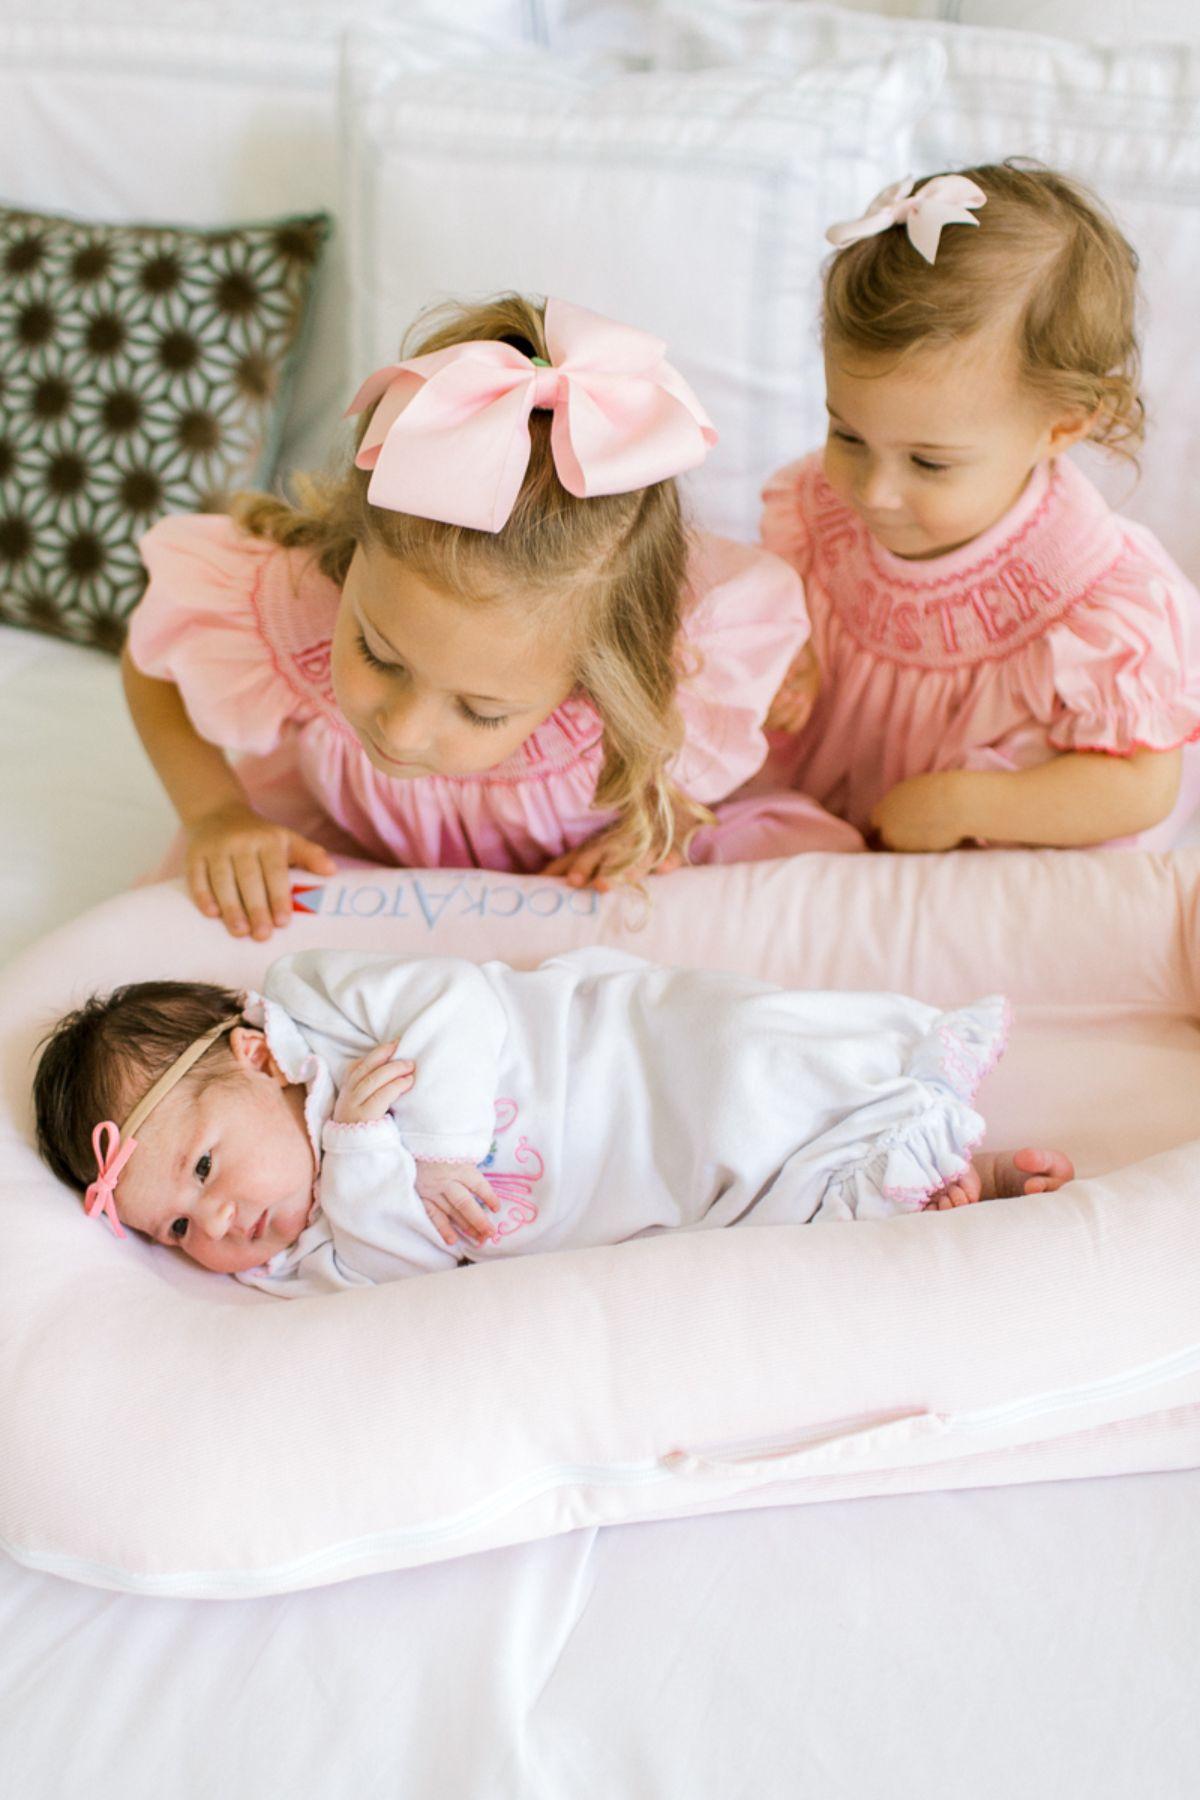 ennis-newborn-photographer-kaitlyn-bullard-charlotte-lifestyle-newborn-47.jpg